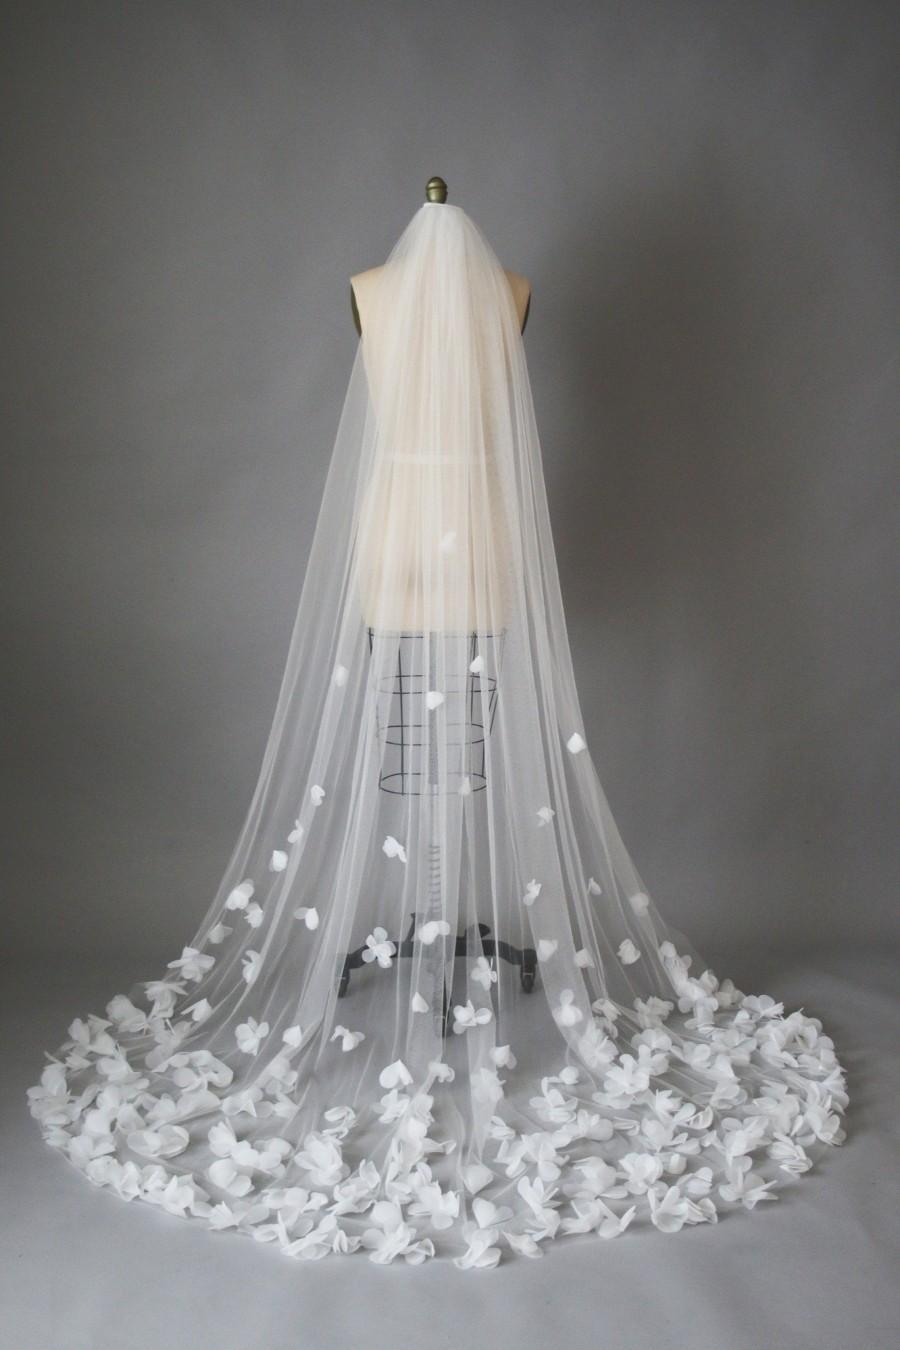 Wedding - CLO veil, Wedding veil, cathedral veil, chapel veil, flower veil, floral veil, white veil, ivory veil, custom made veil